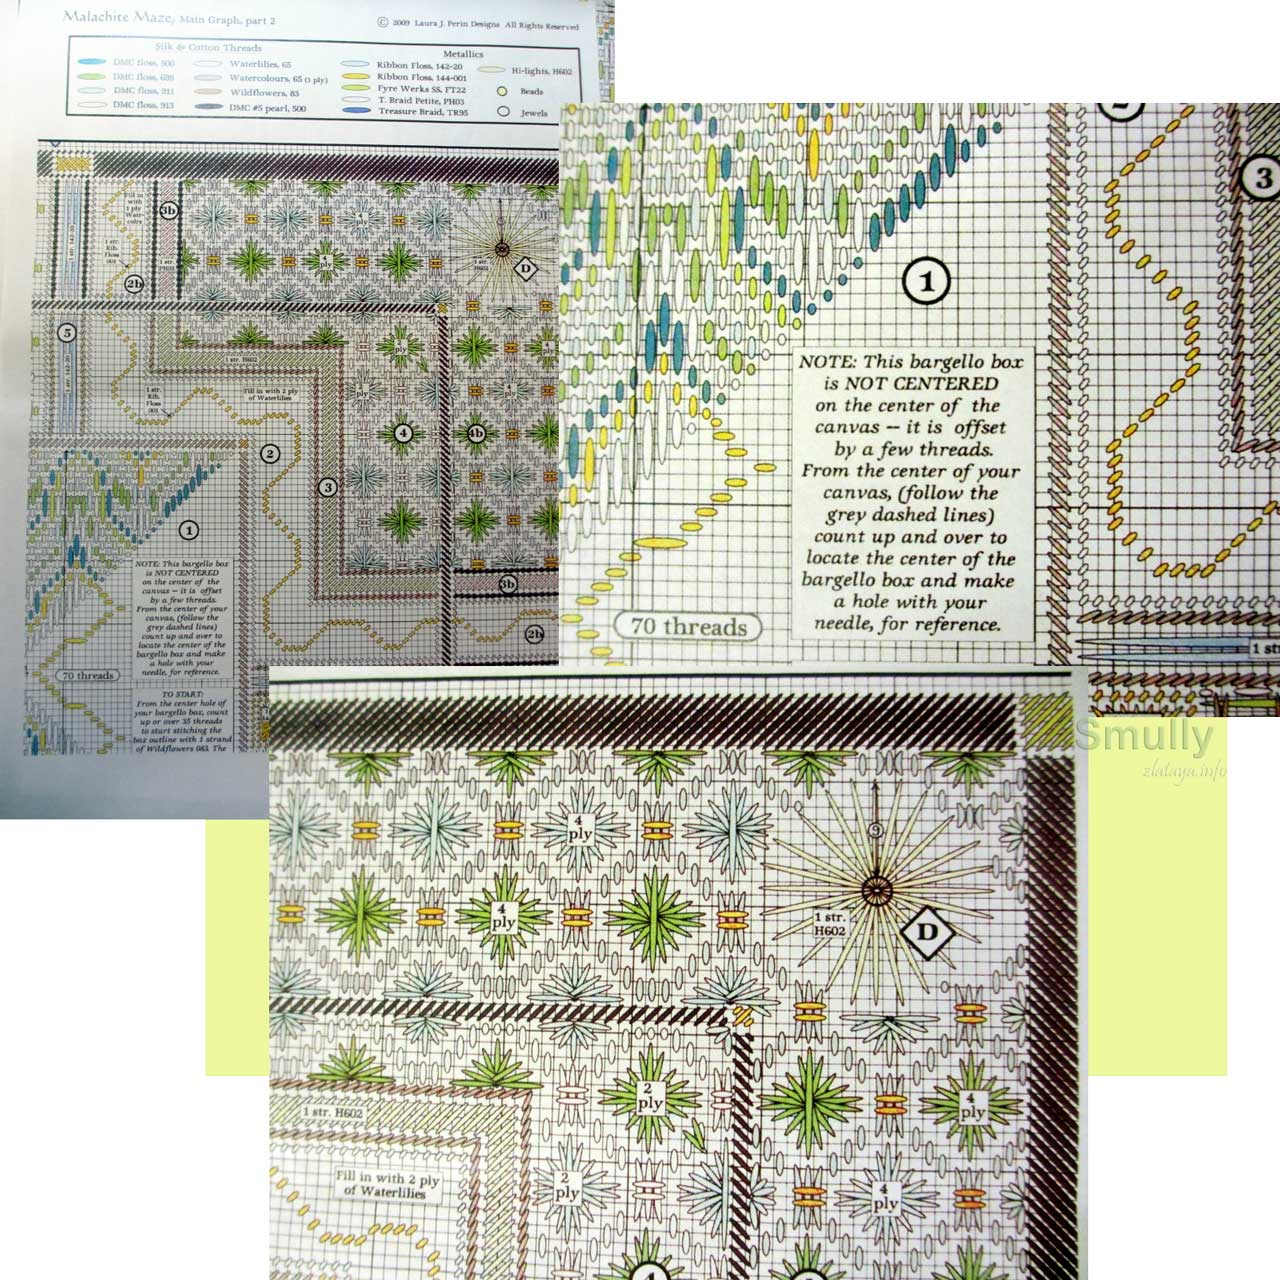 Обработка фото для создания вышивальной схемы